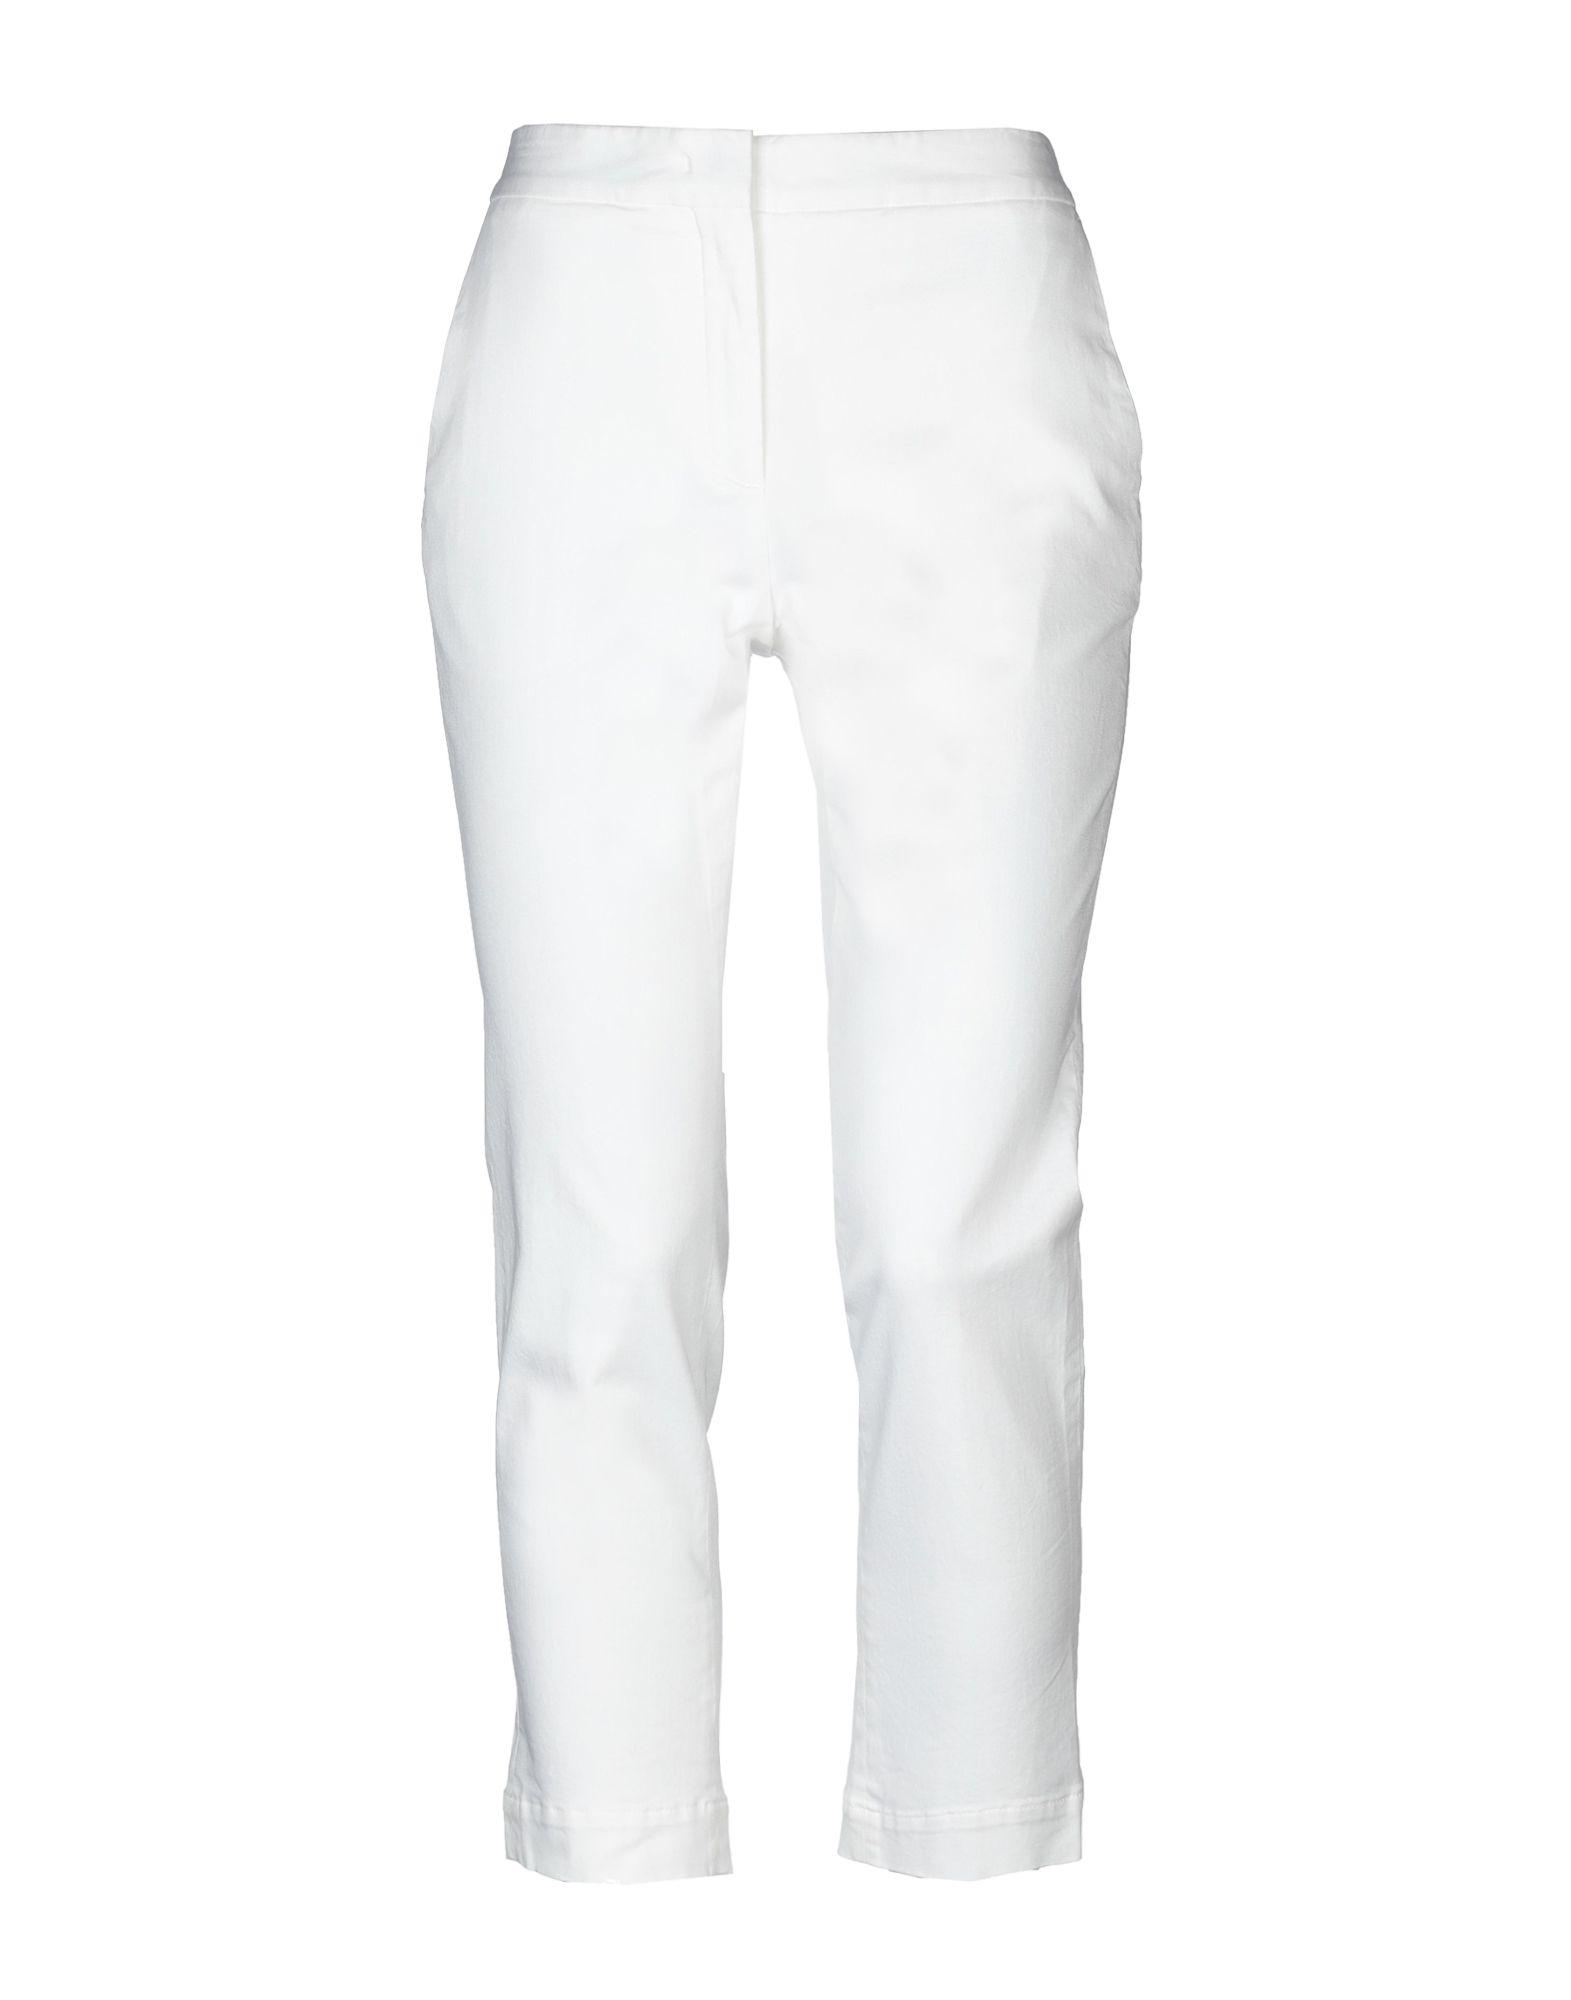 JUST CAVALLI Повседневные брюки брюки just cavalli just cavalli ju662ewtza40